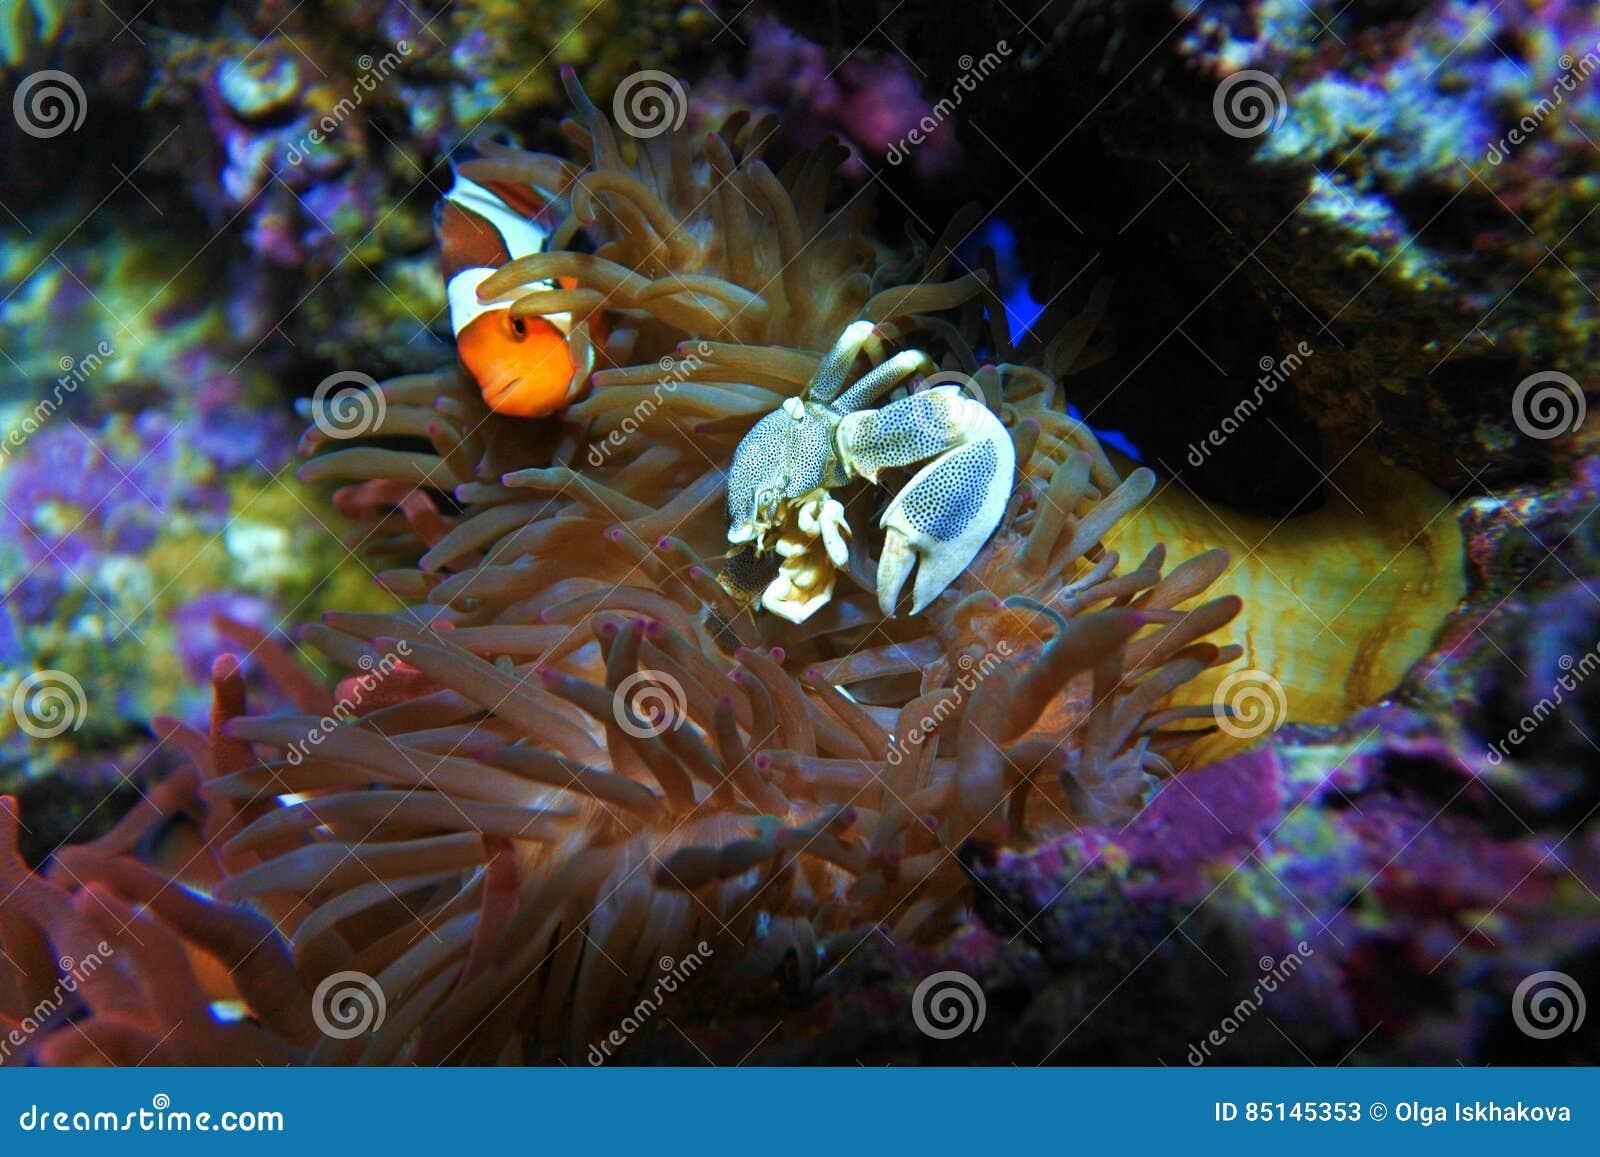 Anemony krabba och clownfisk